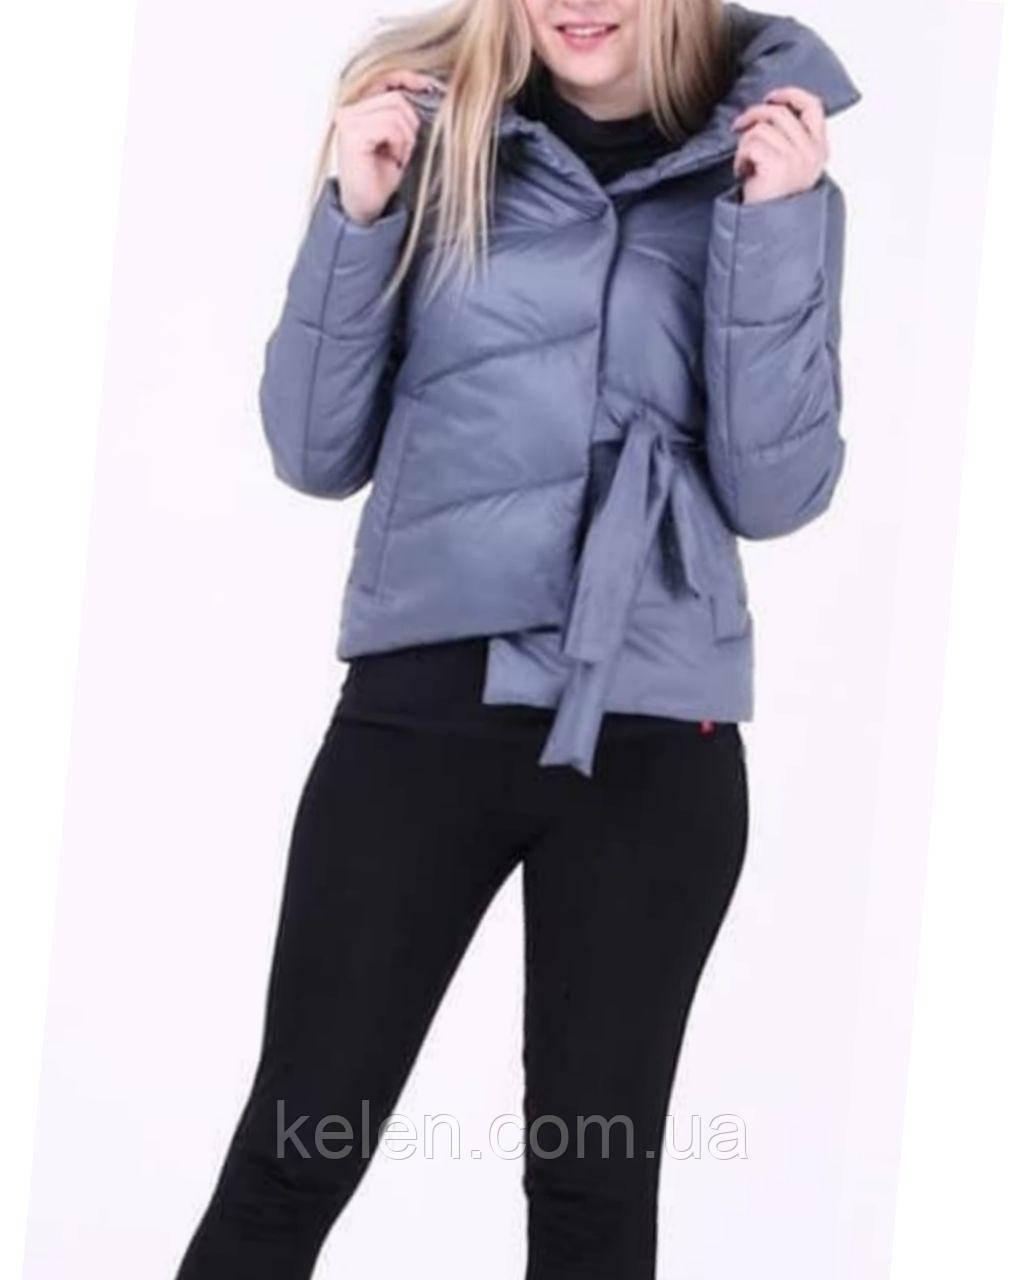 Женская куртка весна-осень цвет Джинс размер 42 (42/44)